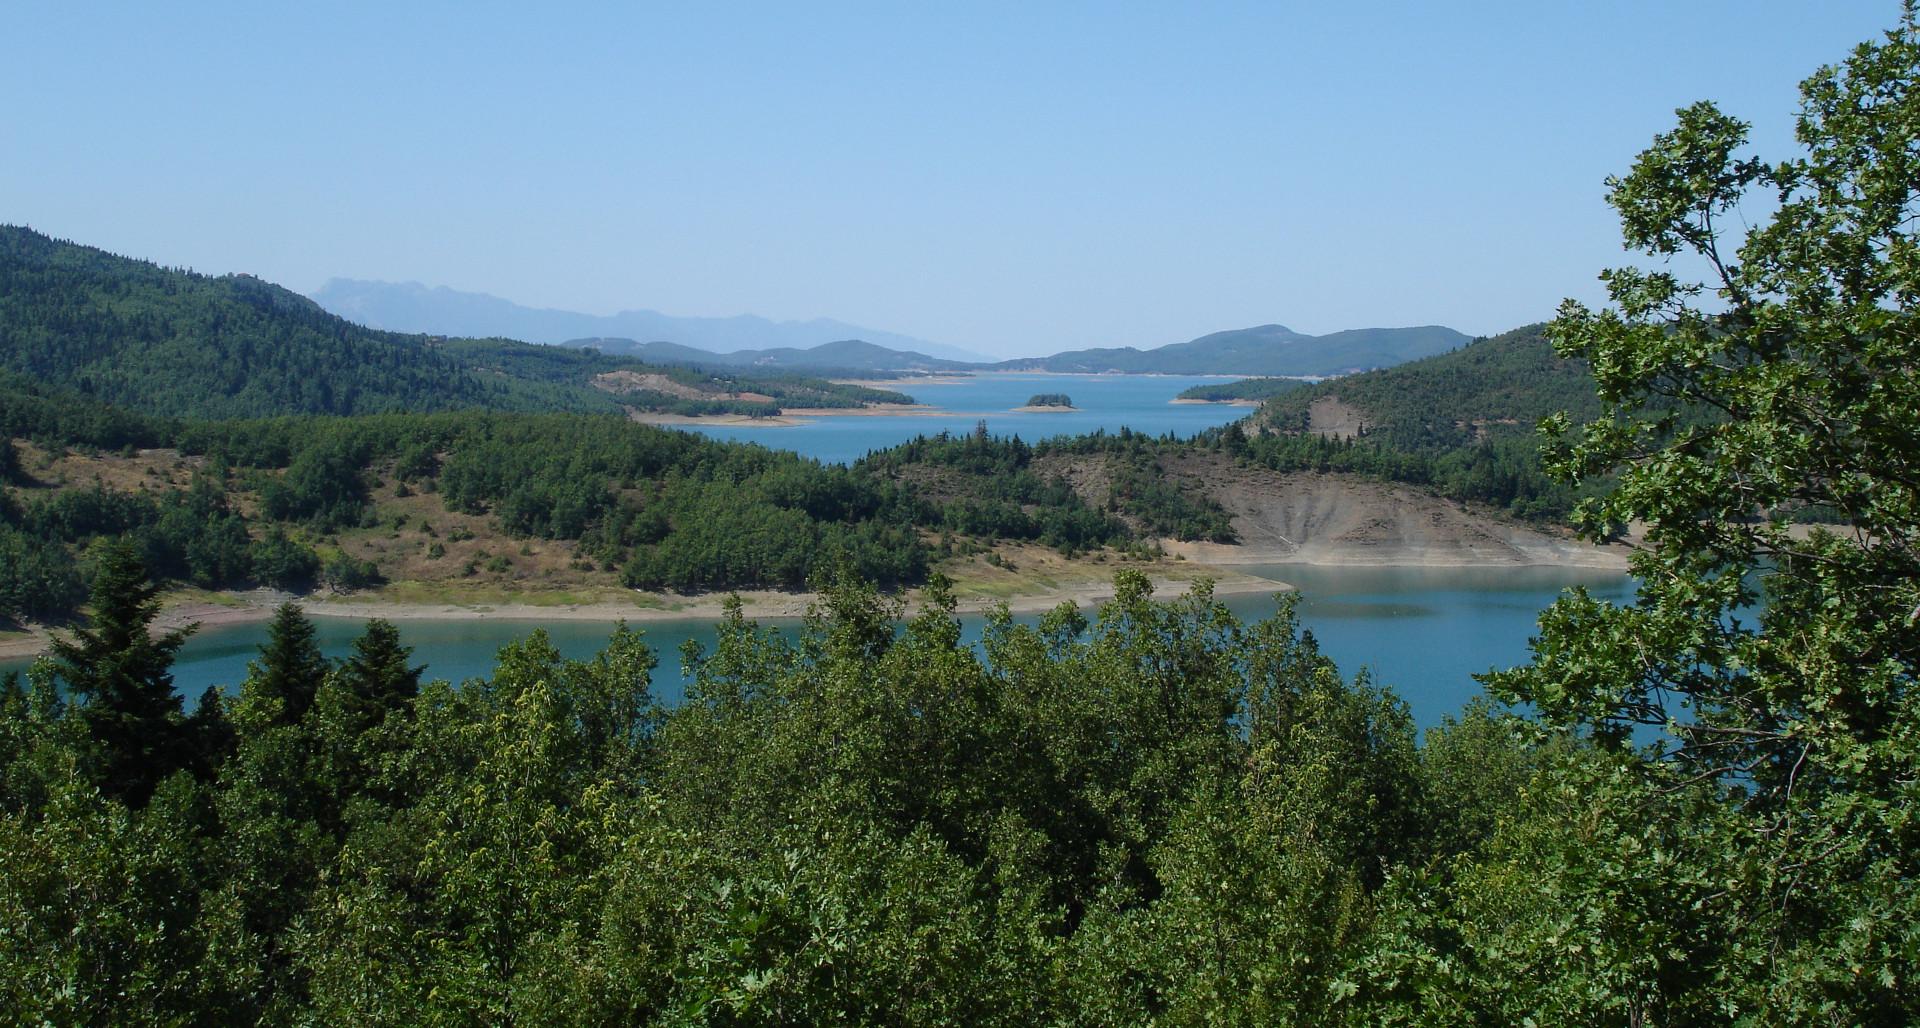 Λίμνη Πλαστήρα - Άγραφα - Καρδίτσα